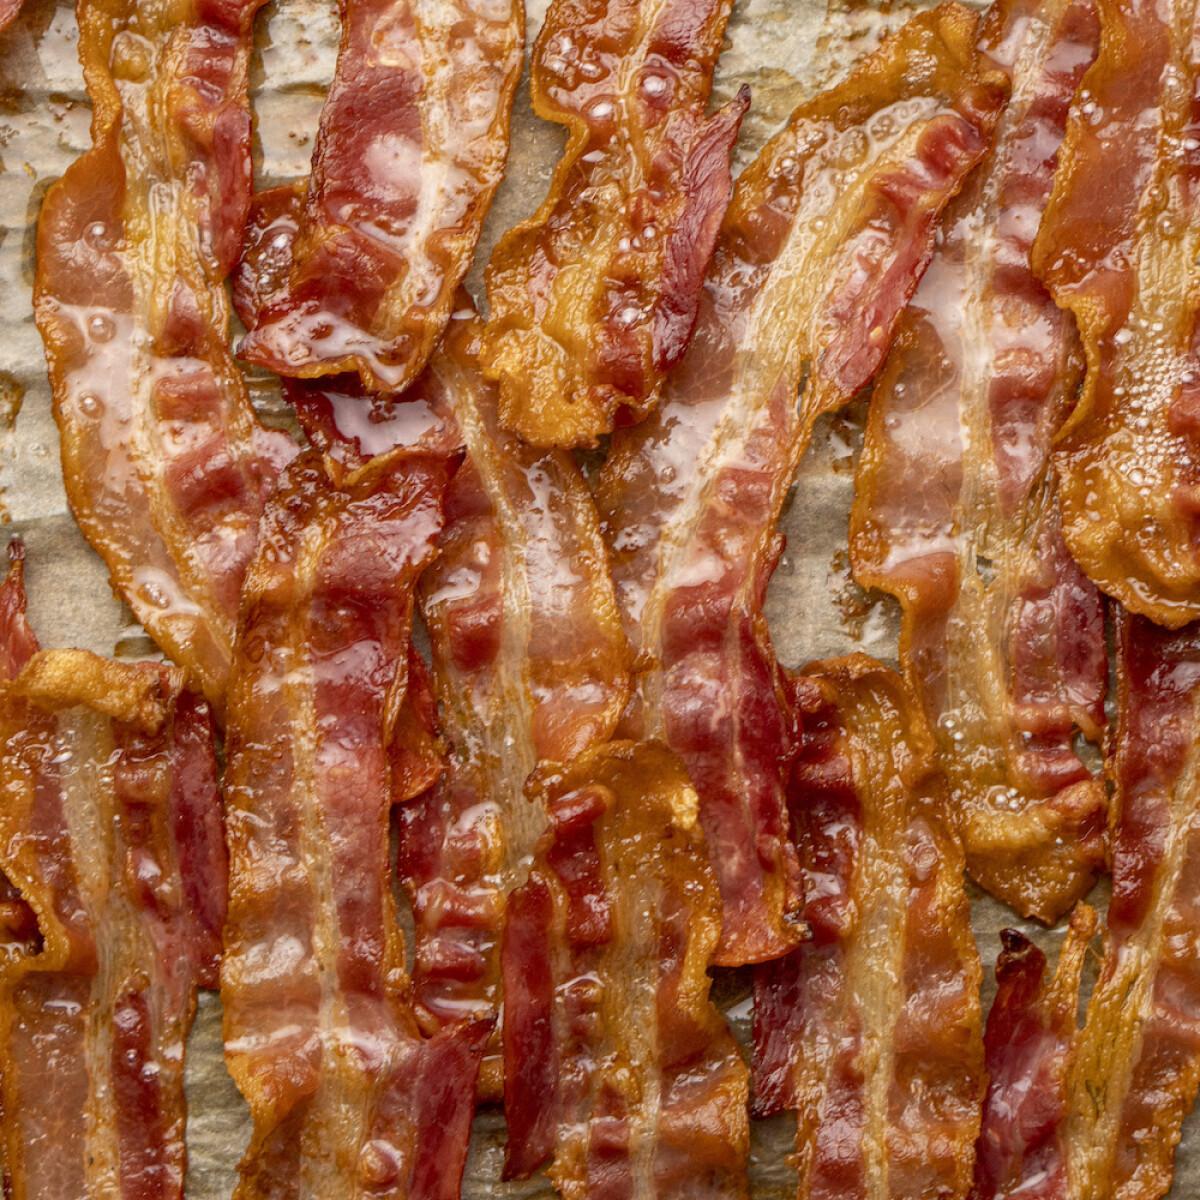 Prémium baconöket kóstoltunk, ezek a fogások készültek nálunk